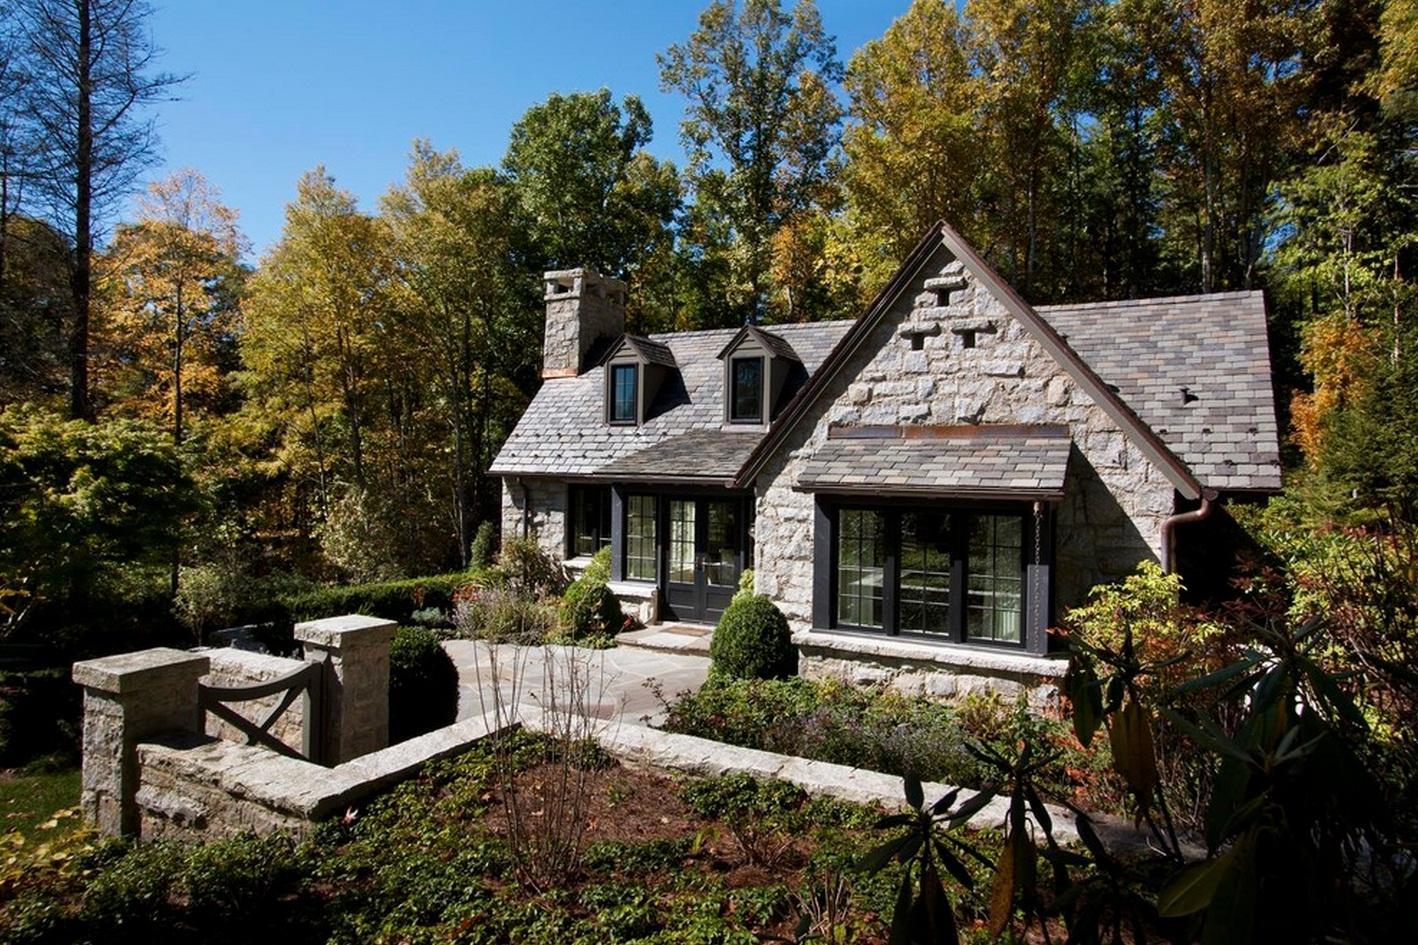 60 casas r sticas fachadas inspira es e fotos lindas - Imagenes de casas rusticas ...